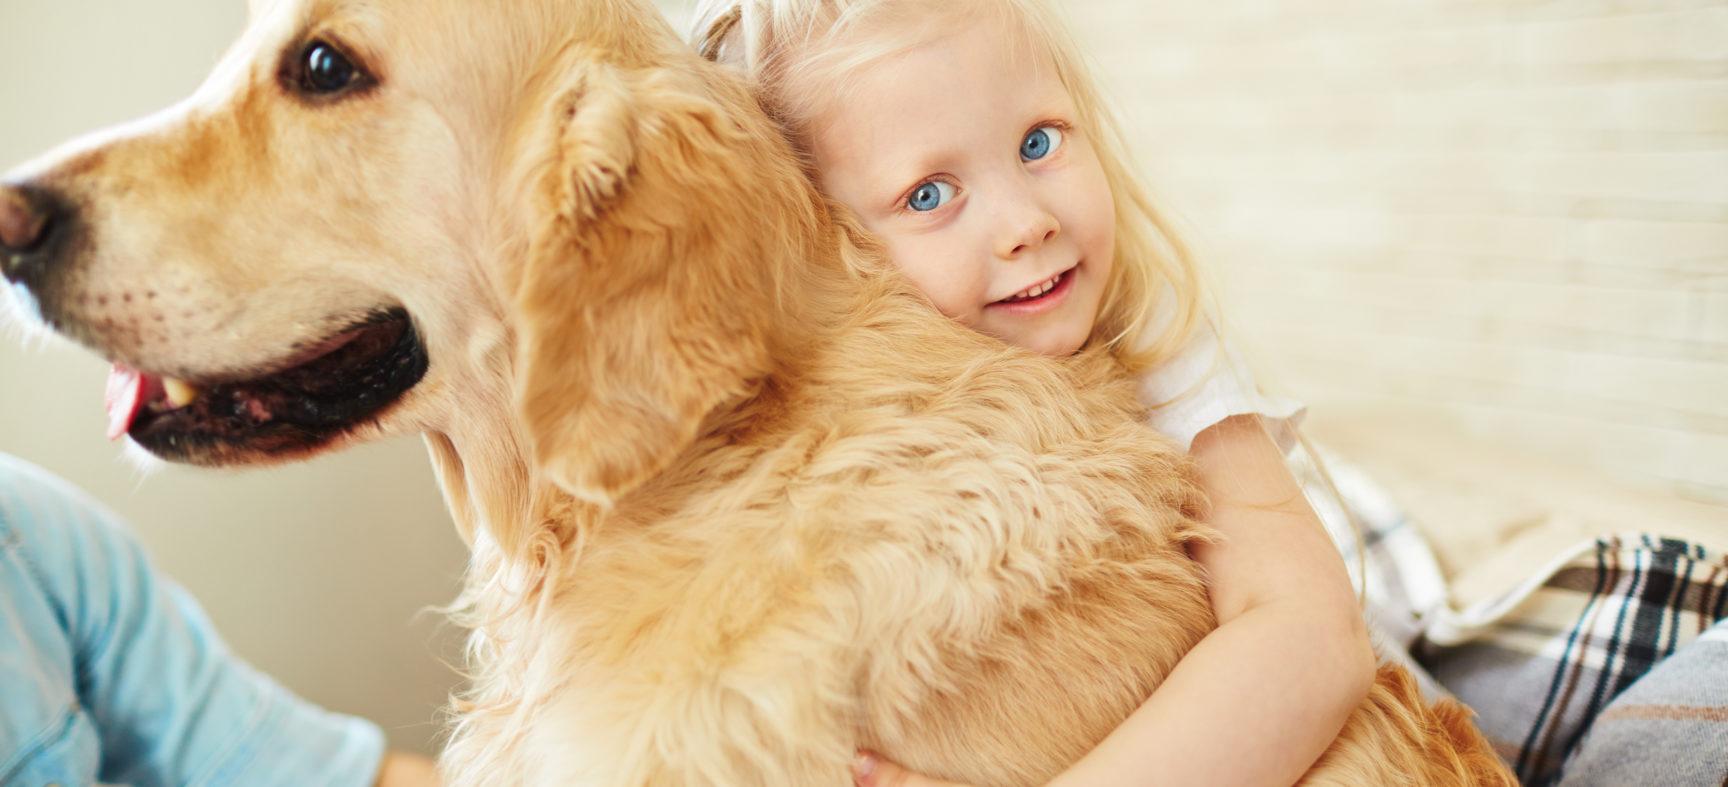 Får man ta med sig en hundvalp till Sverige som inte har fått ett godkänt Rabiestest ?